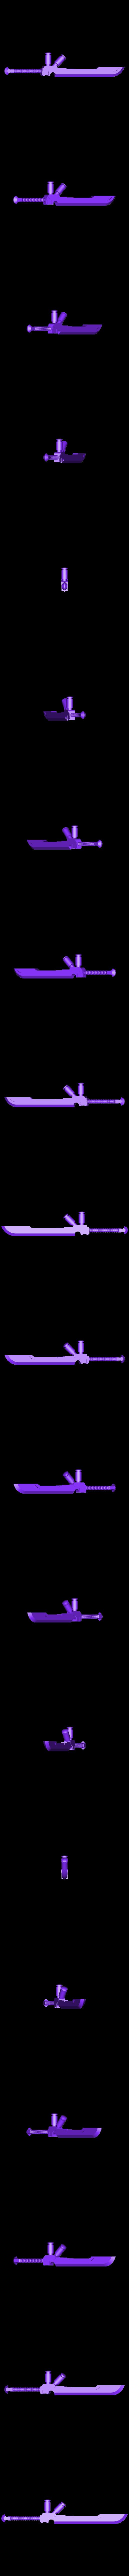 LongSeer_Morning_Sword.stl Télécharger fichier STL gratuit L'épée du matin du Long Seer • Plan imprimable en 3D, buckhedges